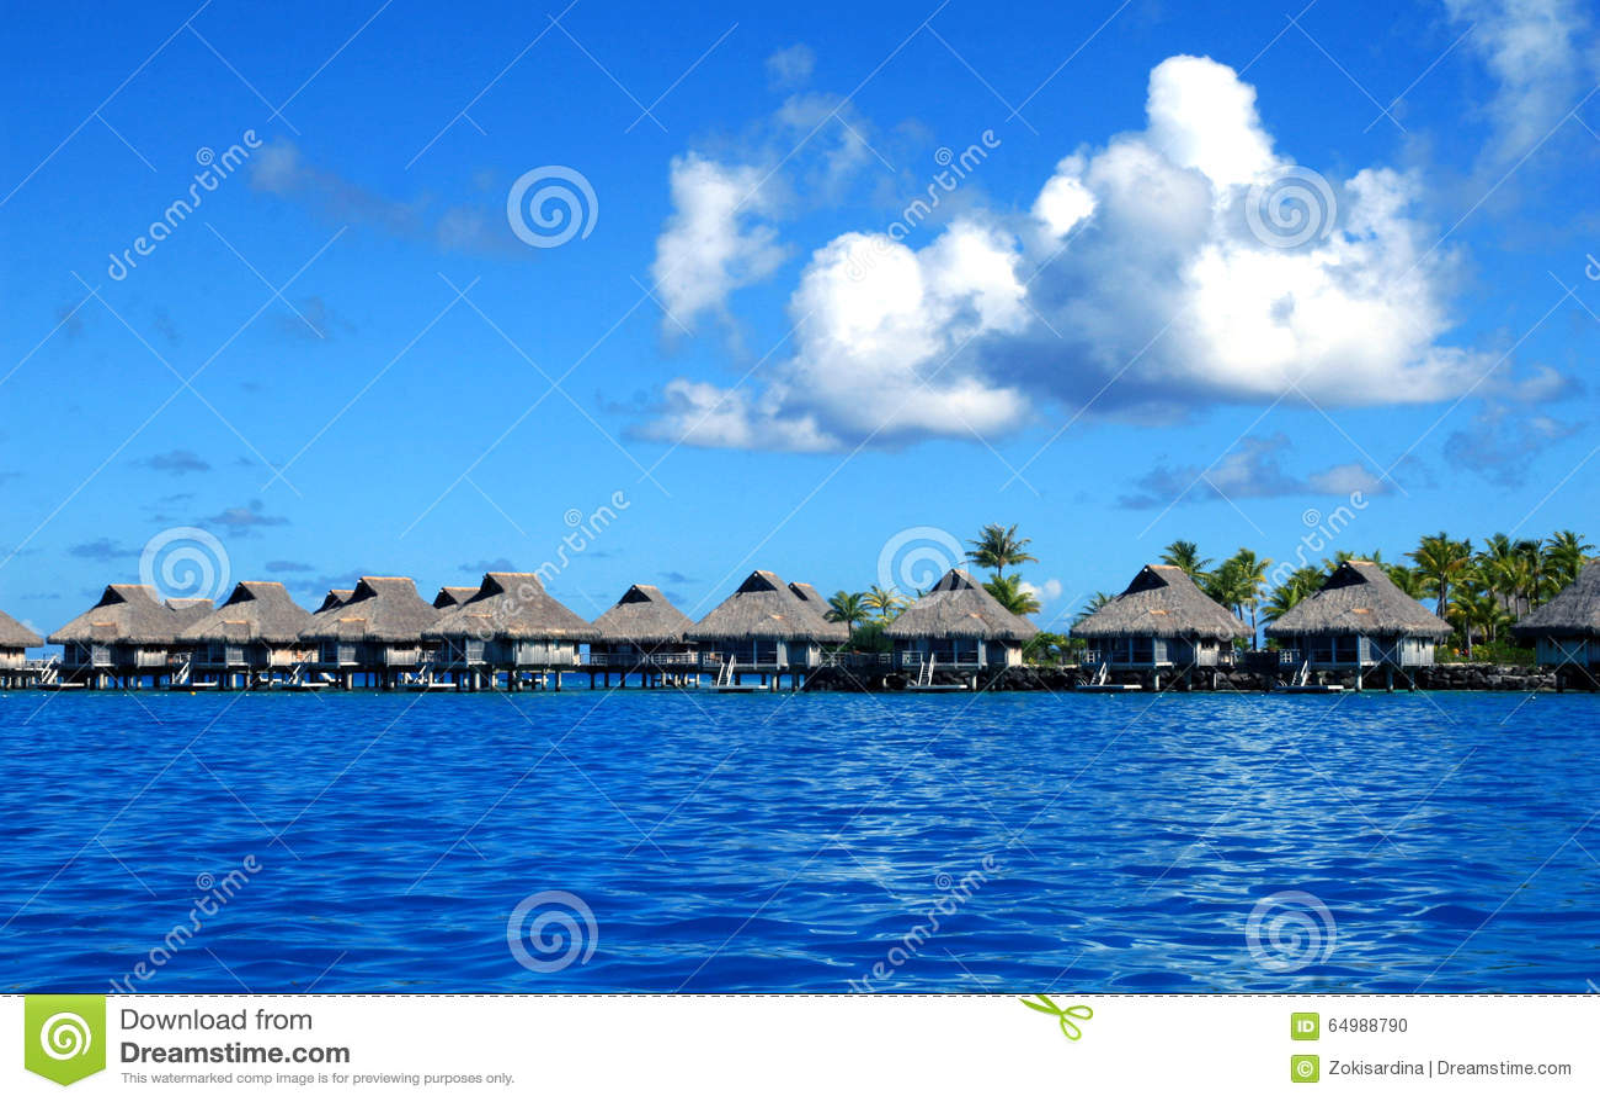 Bora Bora luxury beach resort